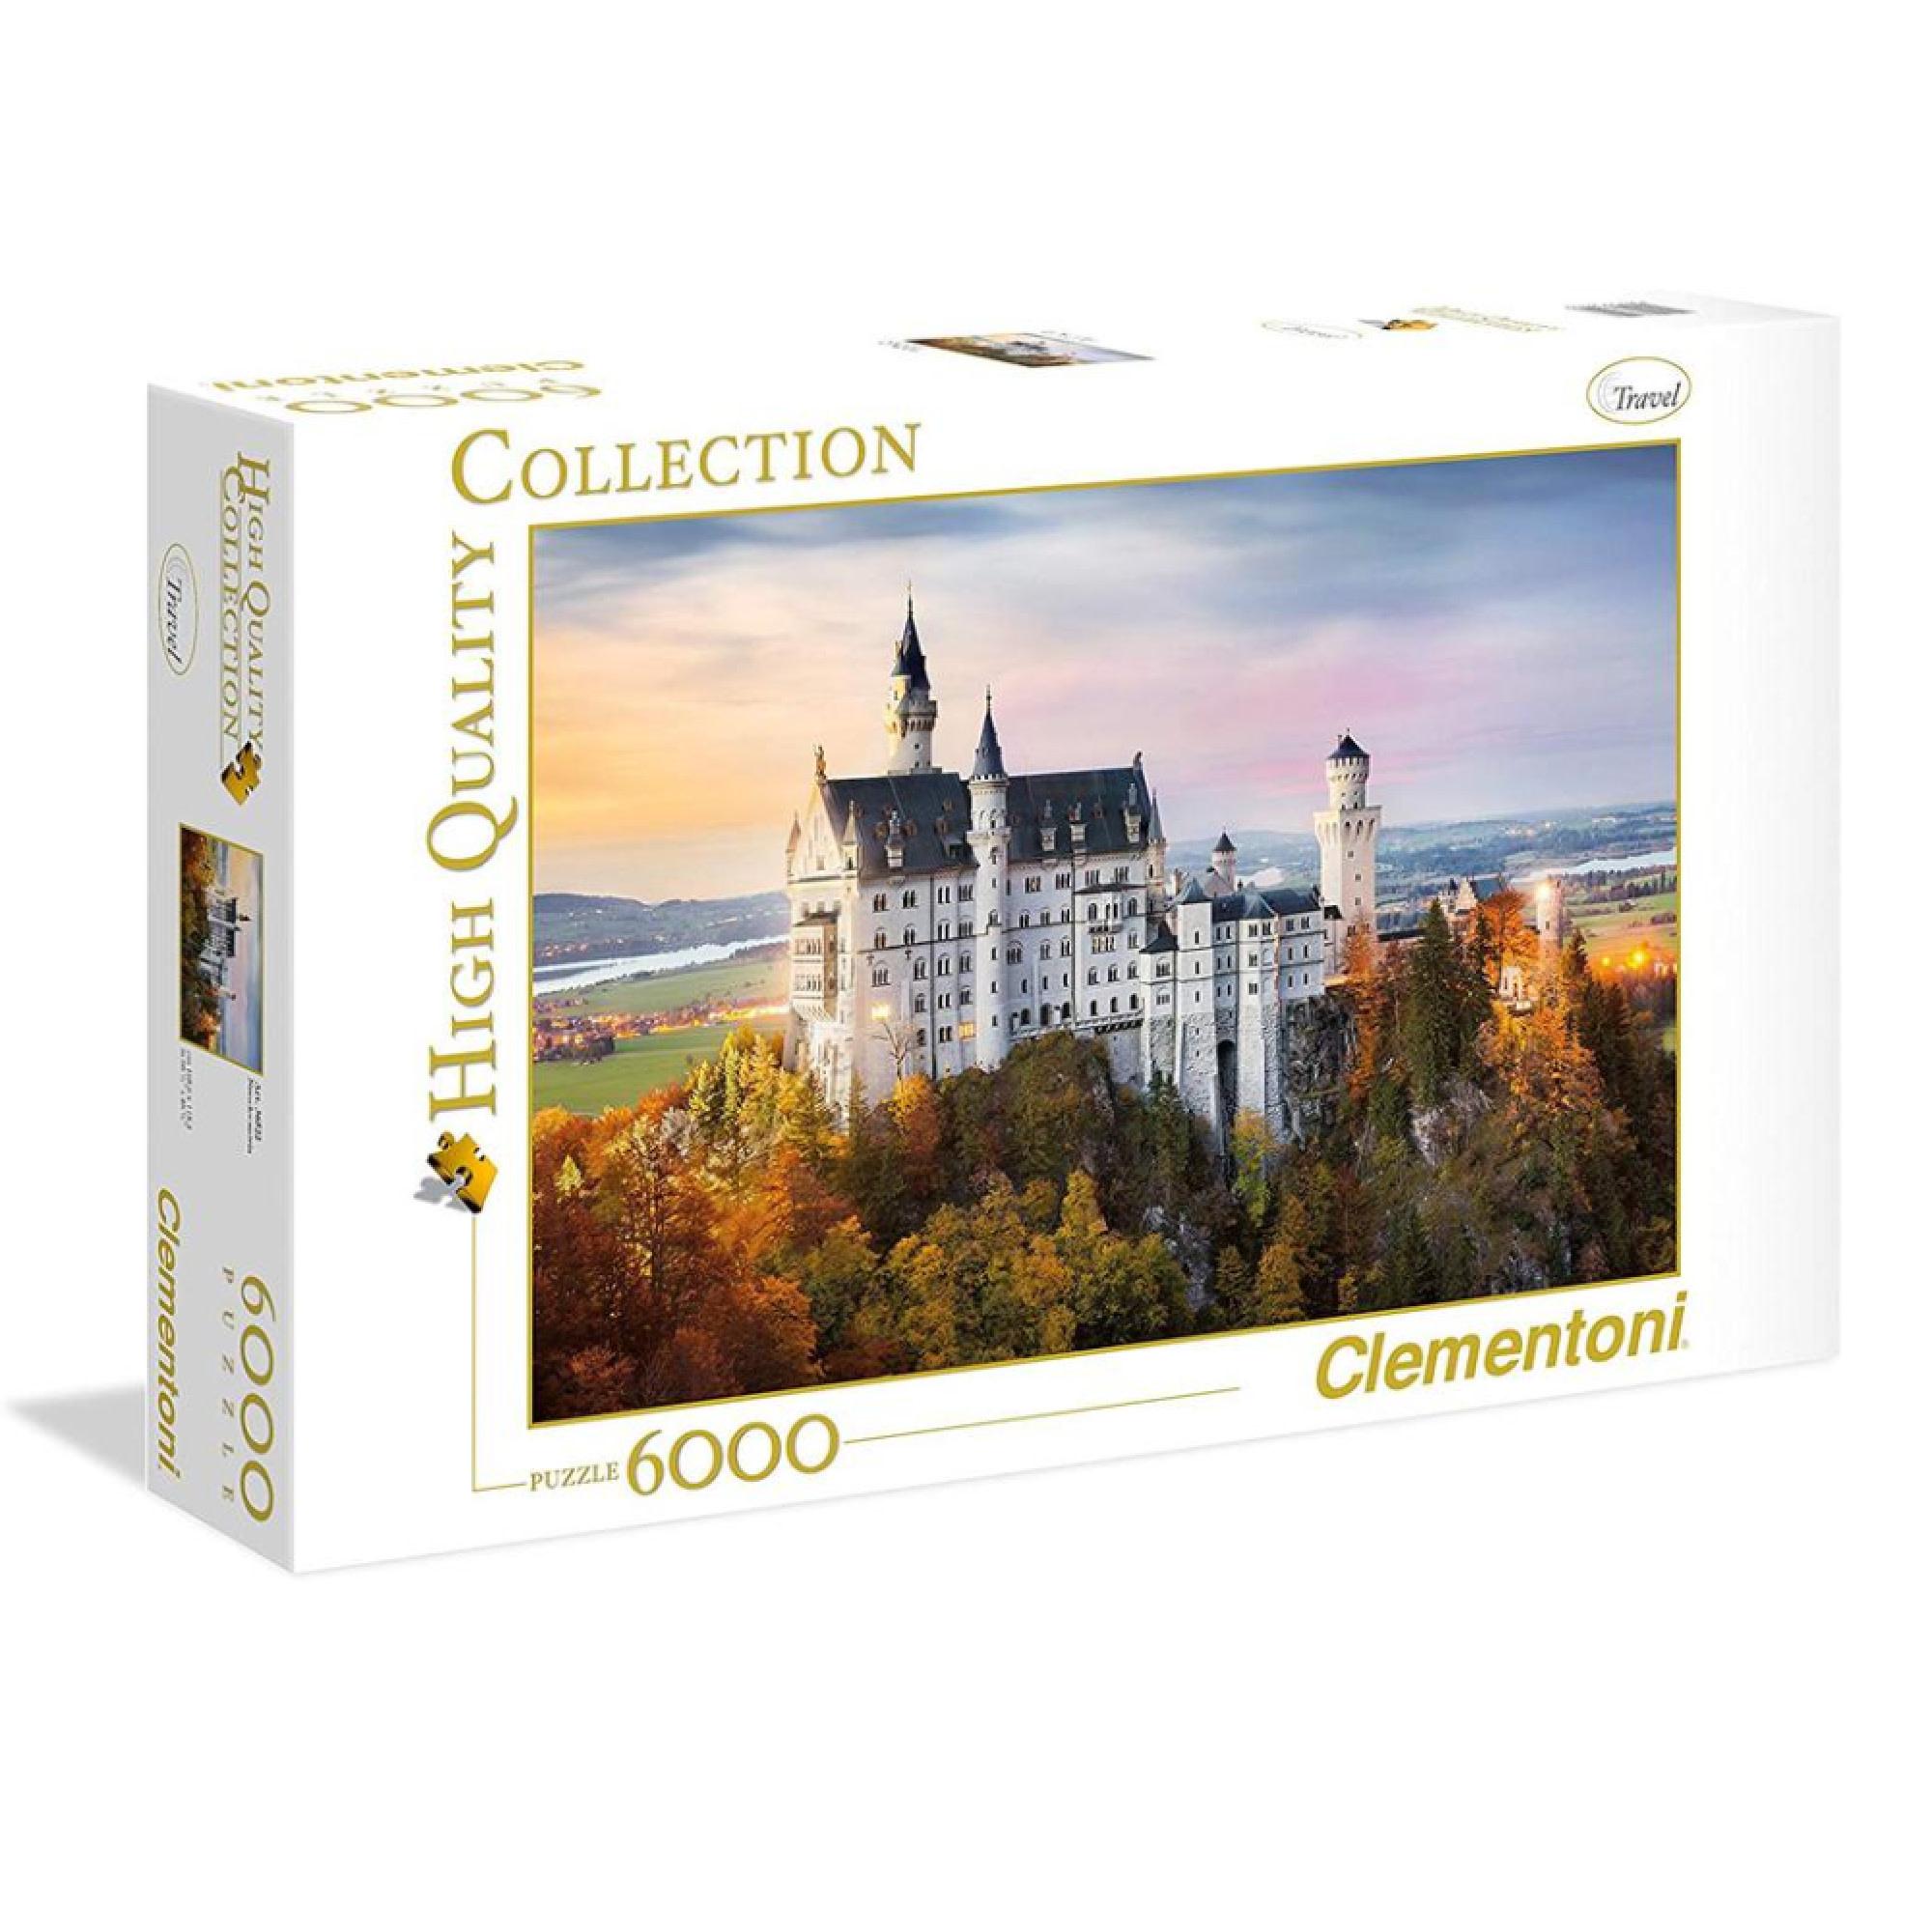 Clementoni Puzzle 6000: Neuschwanstein